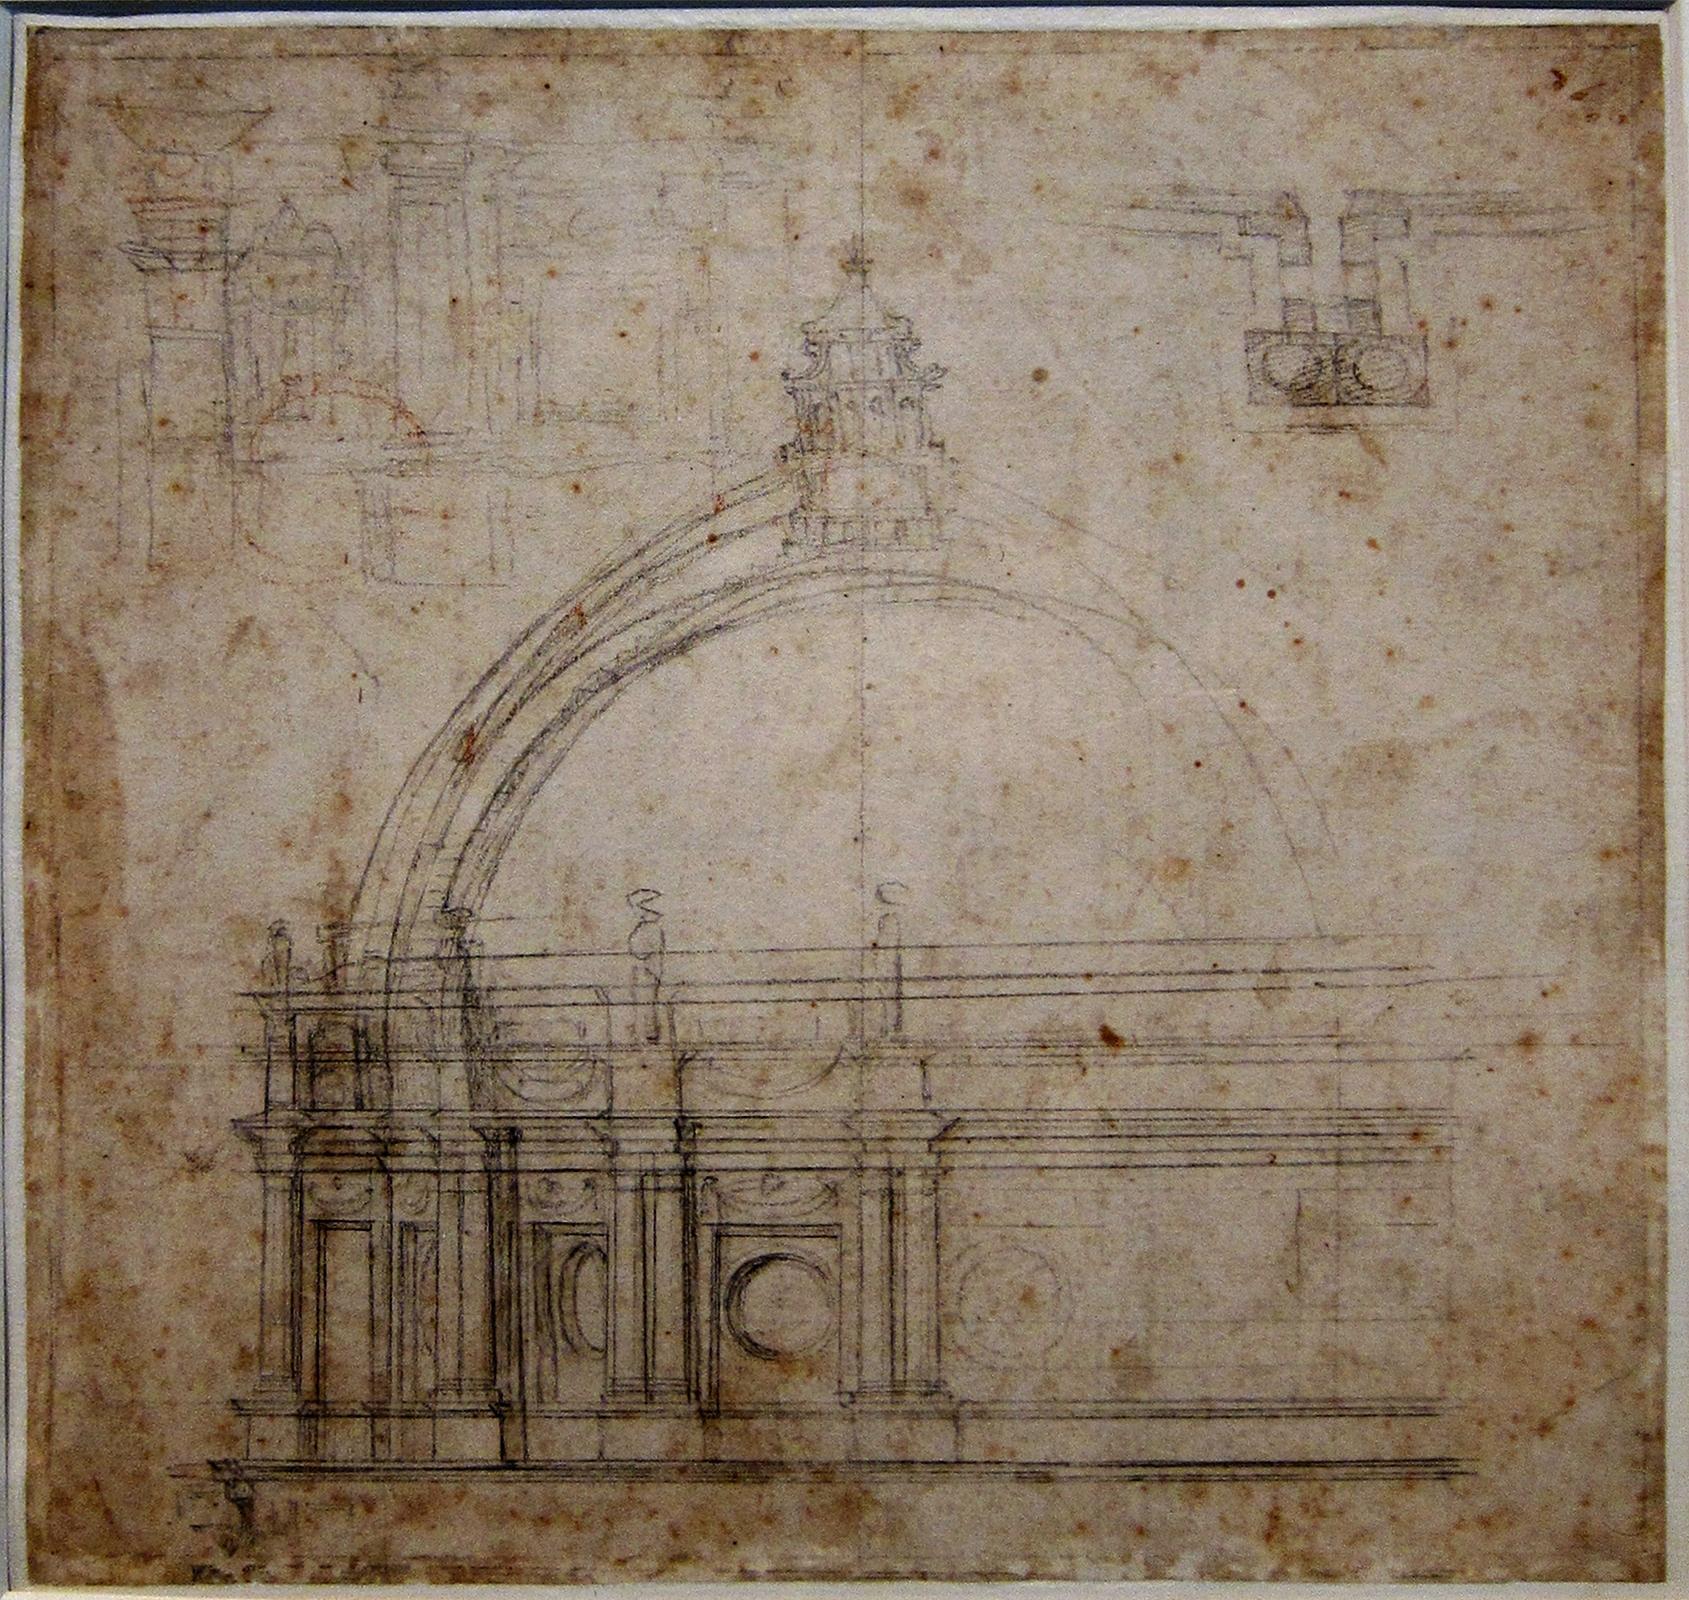 Étude de Michel-Ange pour le Dôme de Saint-Pierre, Palais des Beaux-Arts de Lille